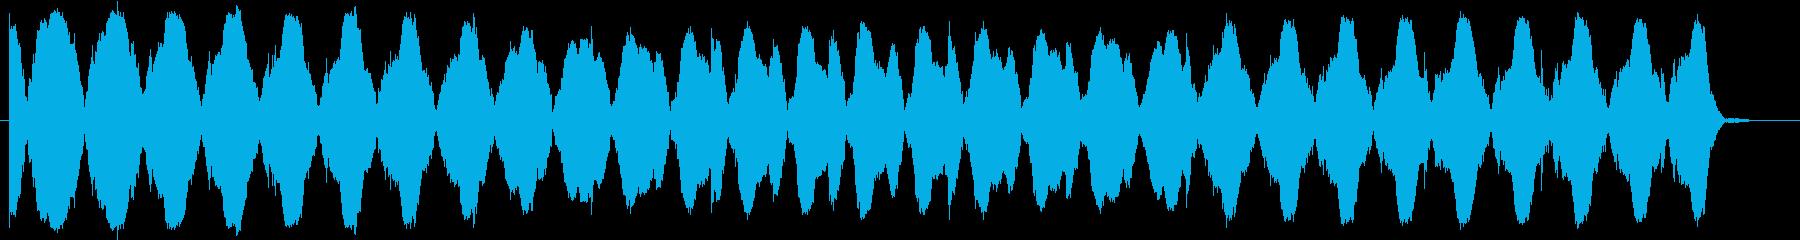 暗く不安になる音楽(ミステリー、ホラー)の再生済みの波形